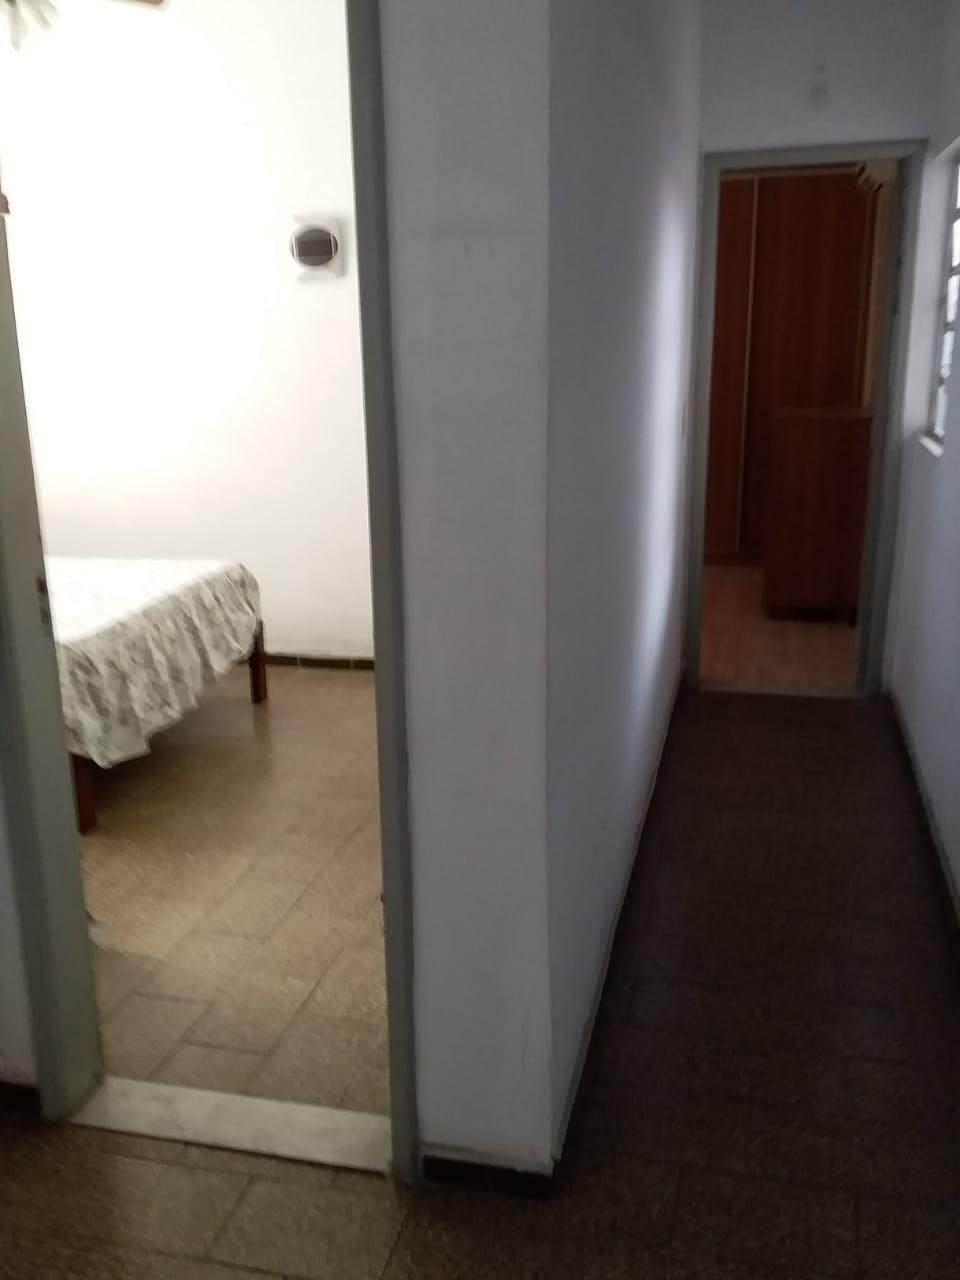 FOTO 12 - Casa à venda Rua Jagoroaba,Vila Valqueire, Rio de Janeiro - R$ 1.500.000 - RF200 - 13